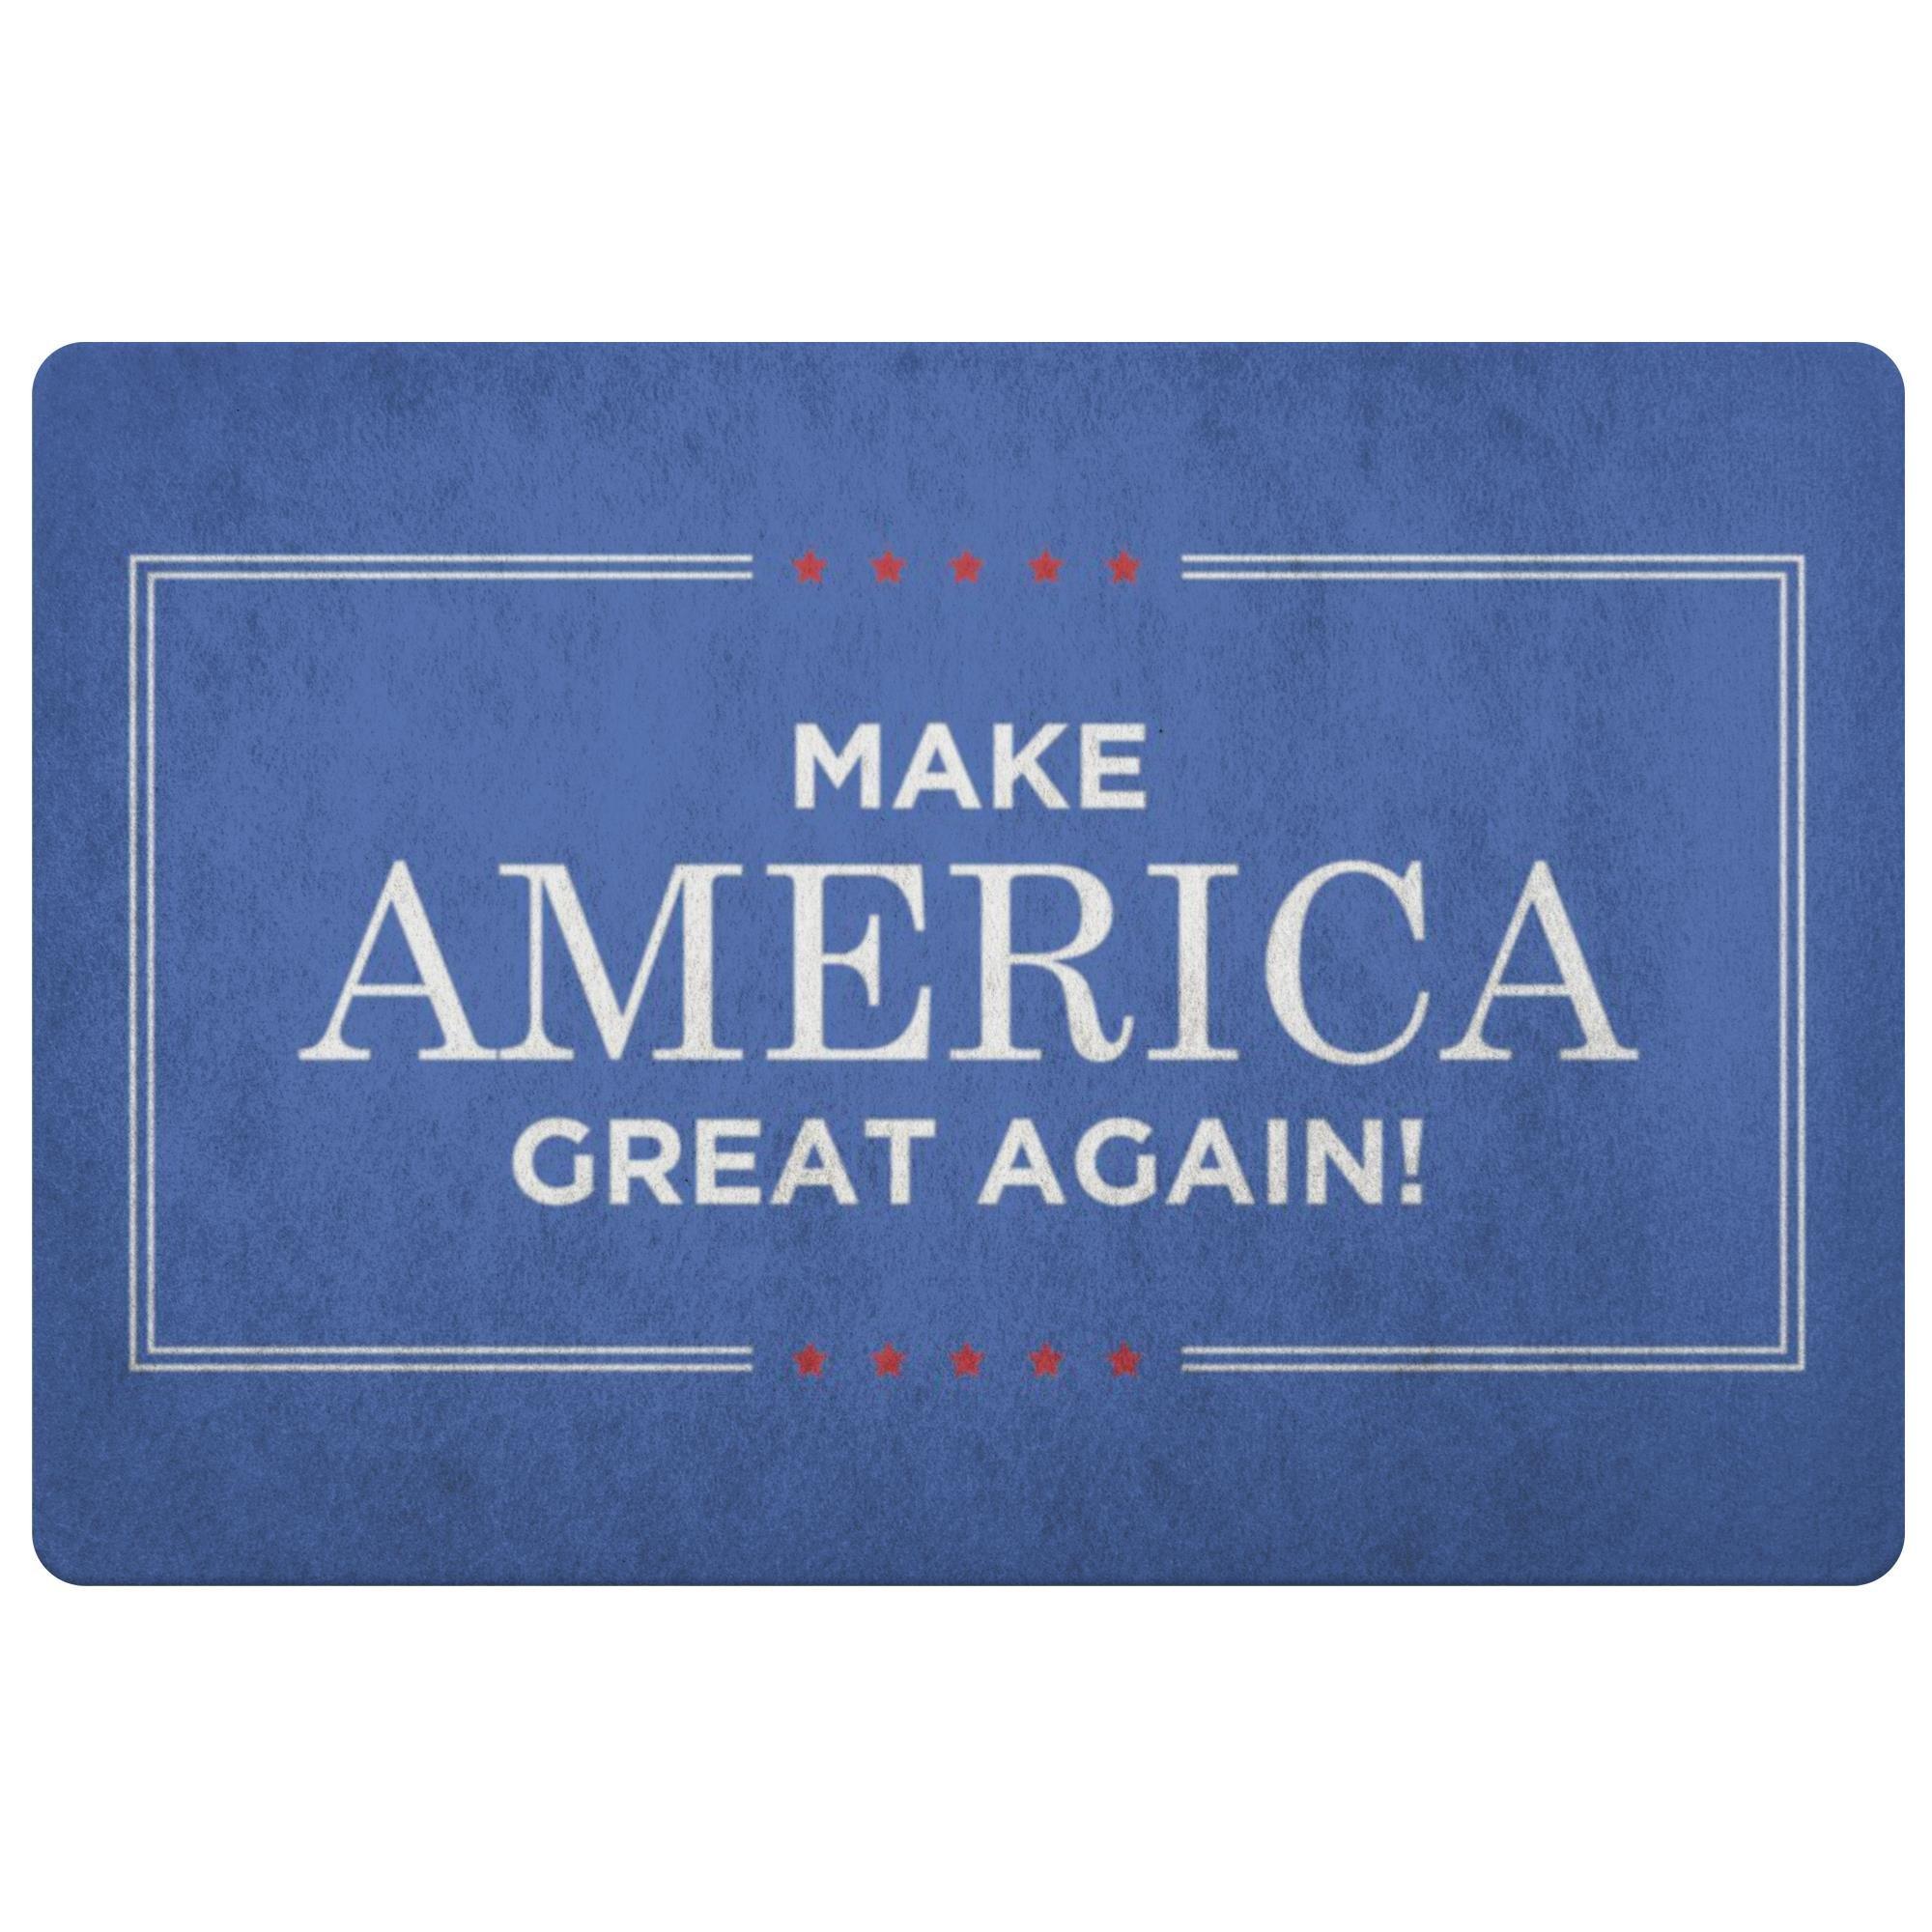 Doormat MAGA Rug Cool Personalized 36''x18'' Make America Great Again Door mat